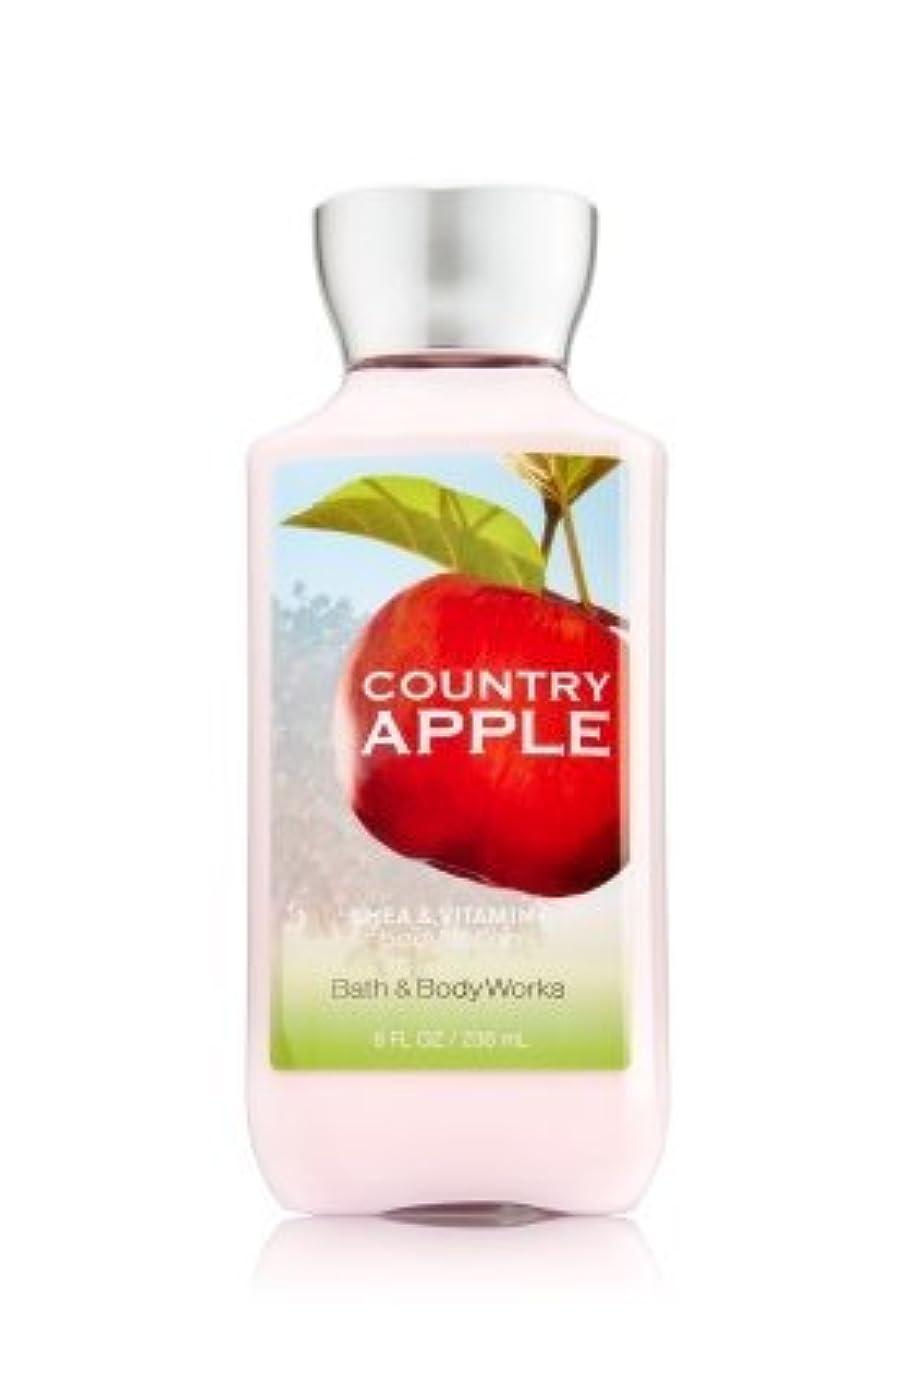 キッチン証明するニンニク【Bath&Body Works/バス&ボディワークス】 ボディローション カントリーアップル Body Lotion Country Apple 8 fl oz / 236 mL [並行輸入品]